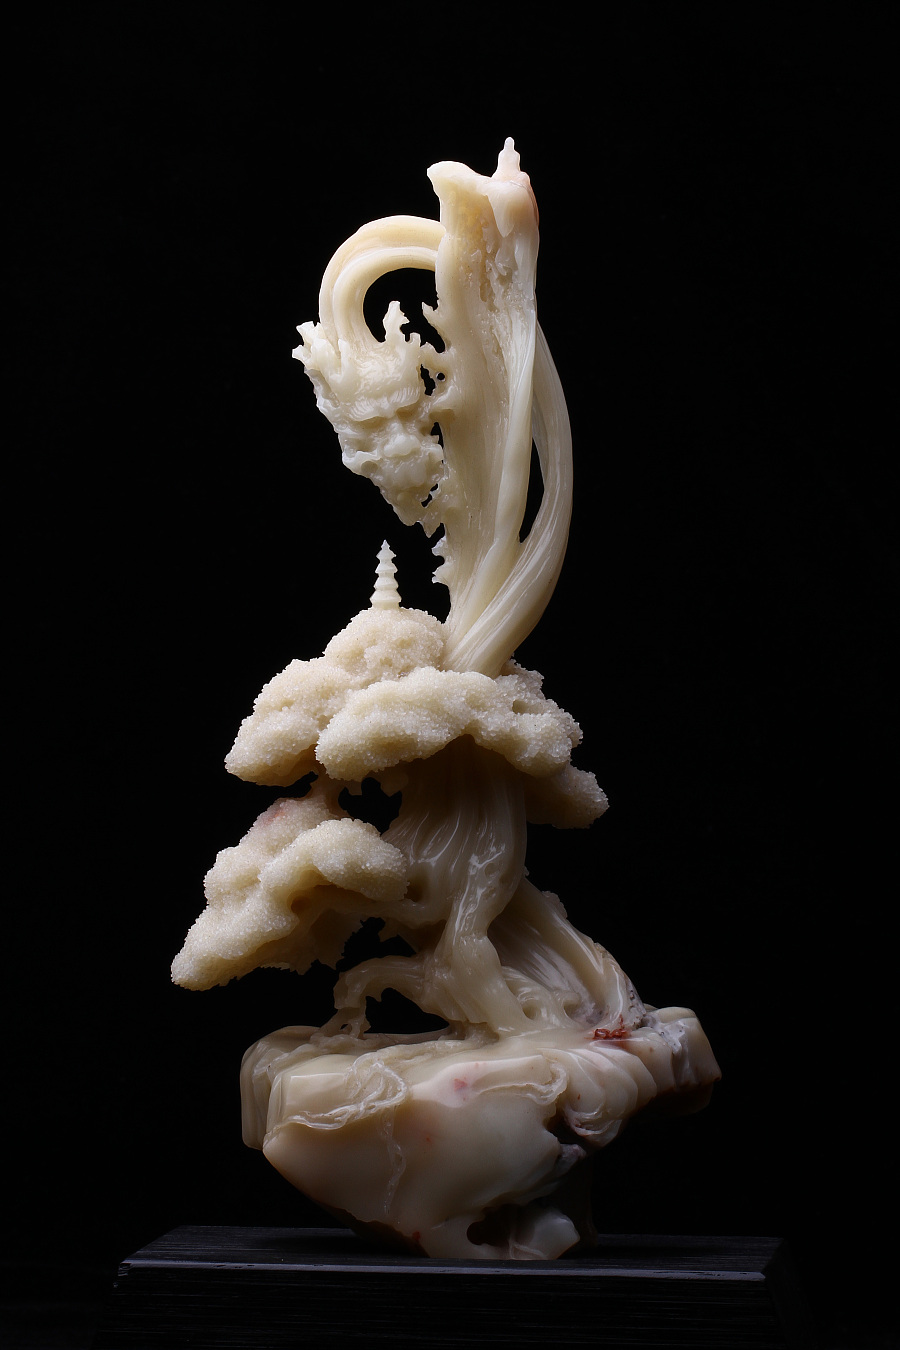 查看《惊心动魄的美 |宝工坊新作《融·禅境》,芙蓉石极致镂雕。》原图,原图尺寸:3456x5184